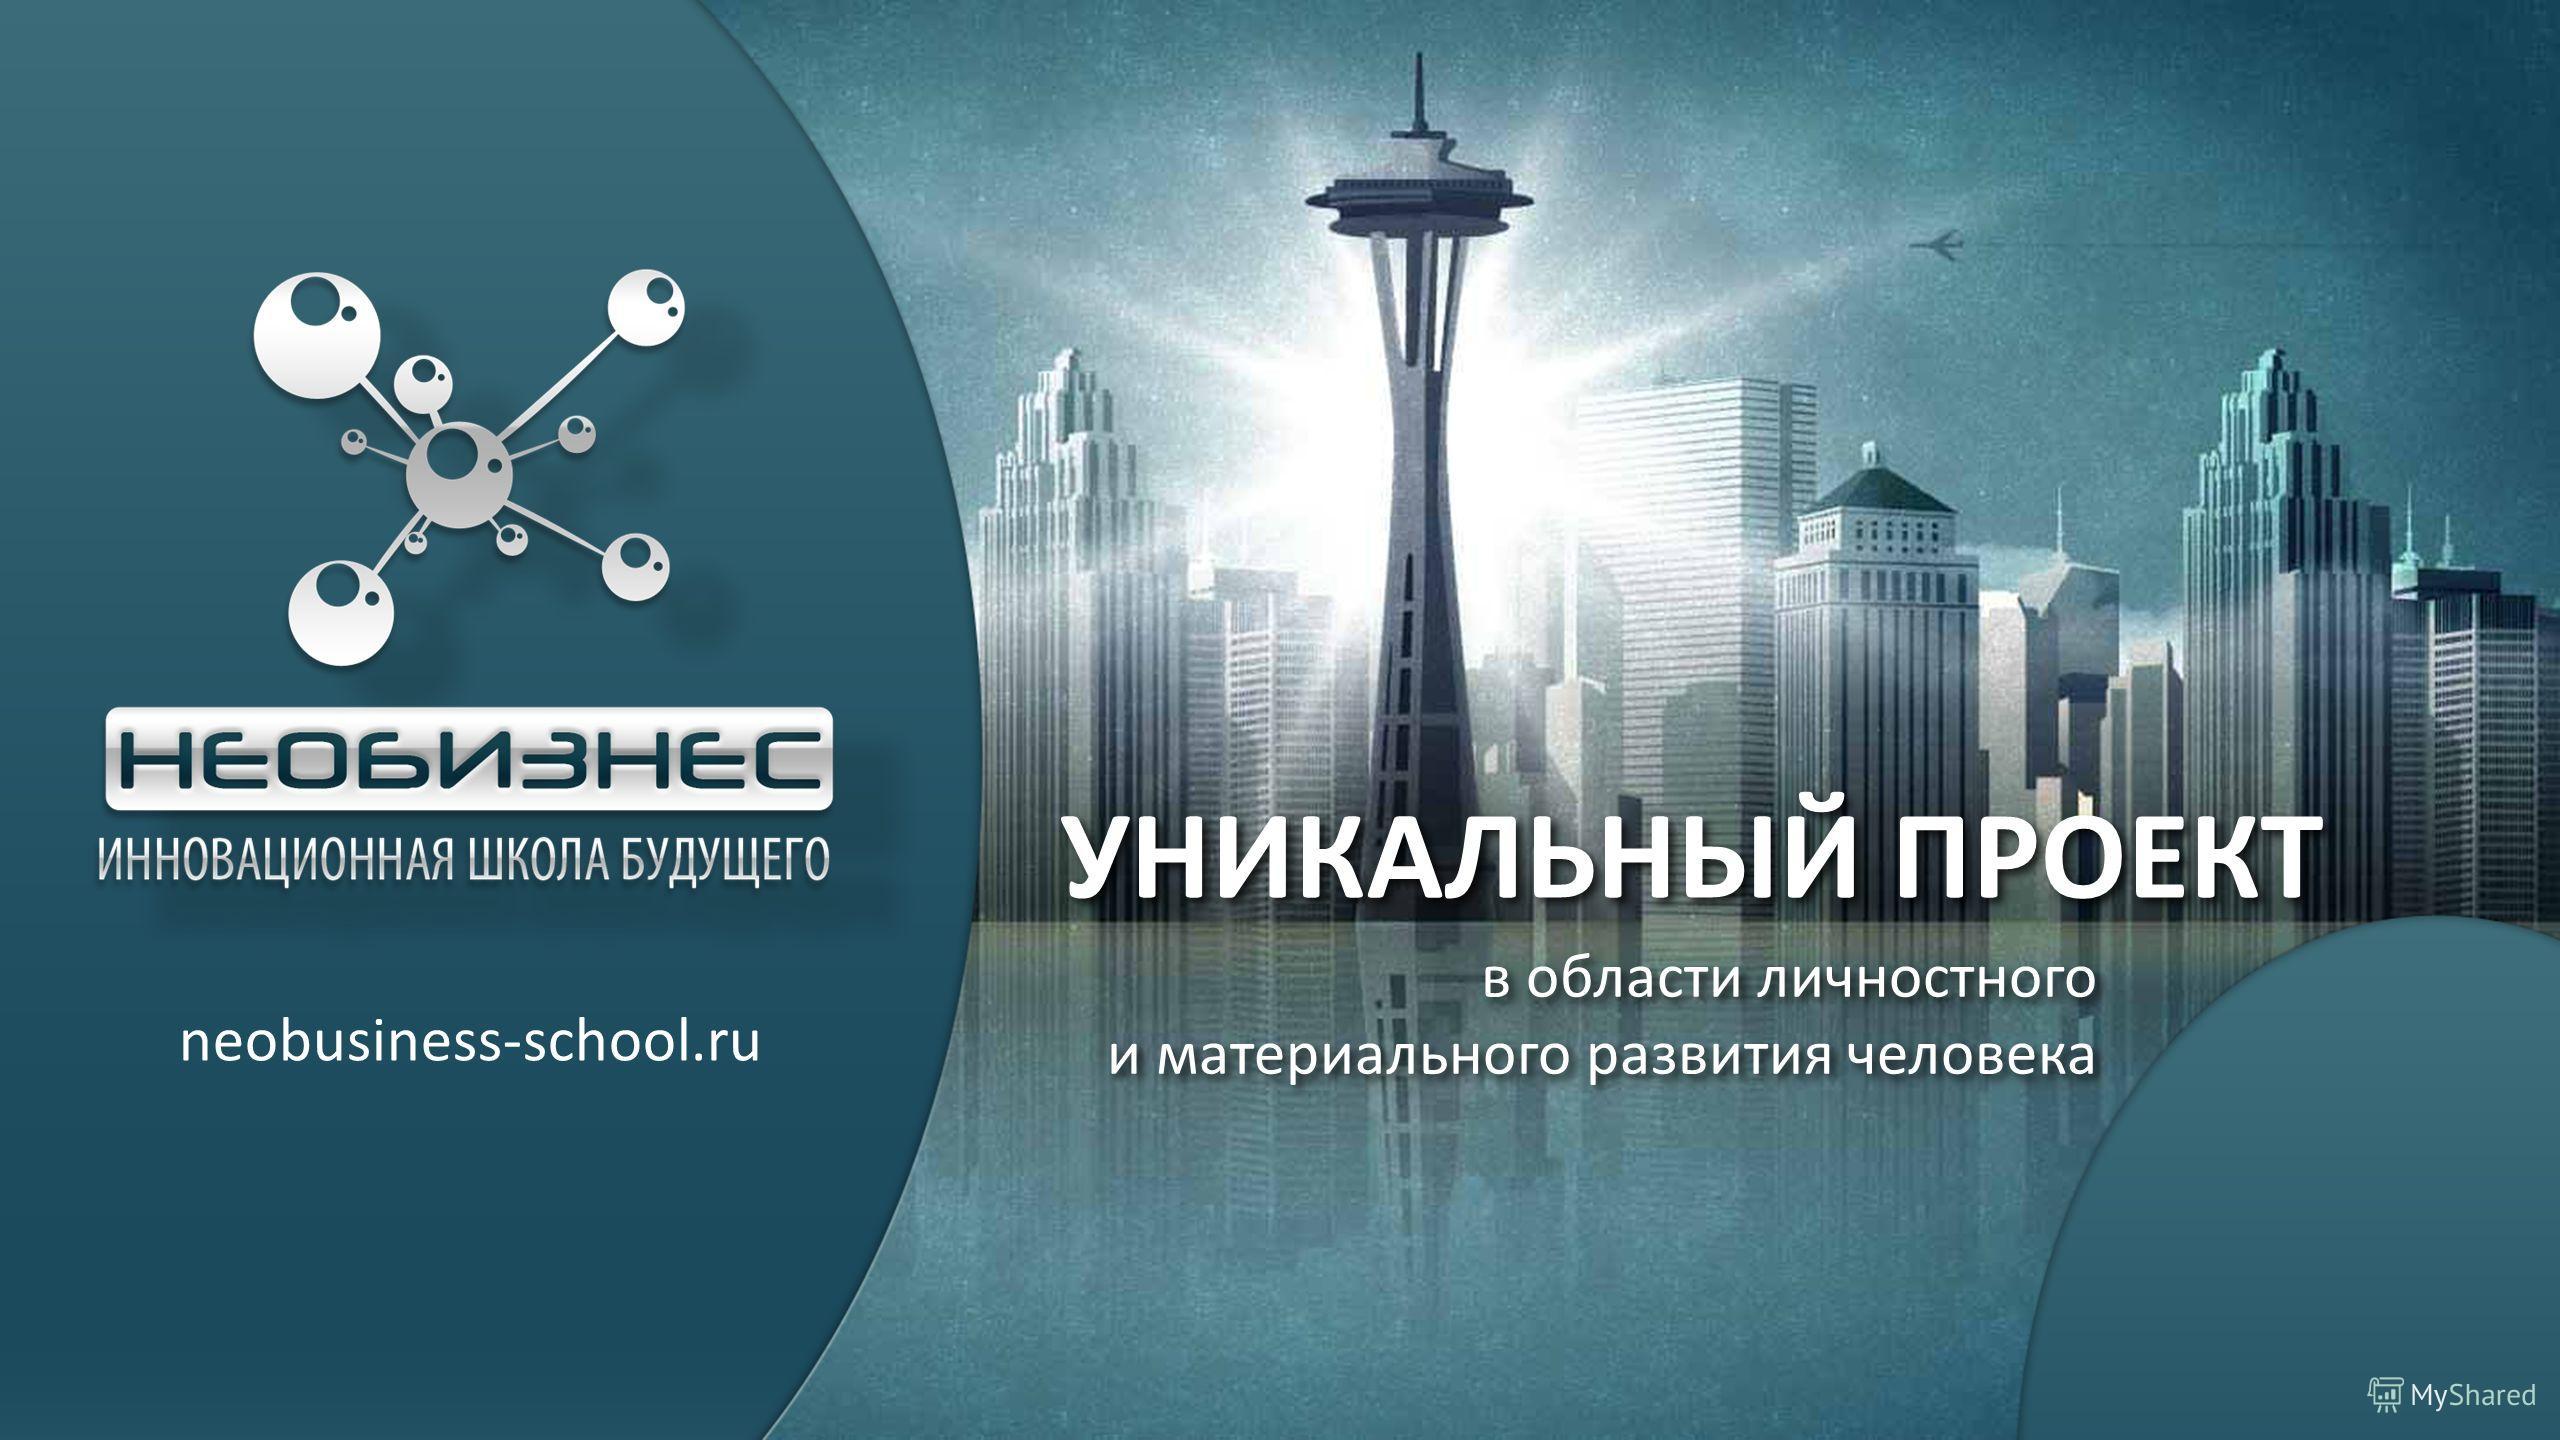 УНИКАЛЬНЫЙ ПРОЕКТ neobusiness-school.ru в области личностного и материального развития человека в области личностного и материального развития человека